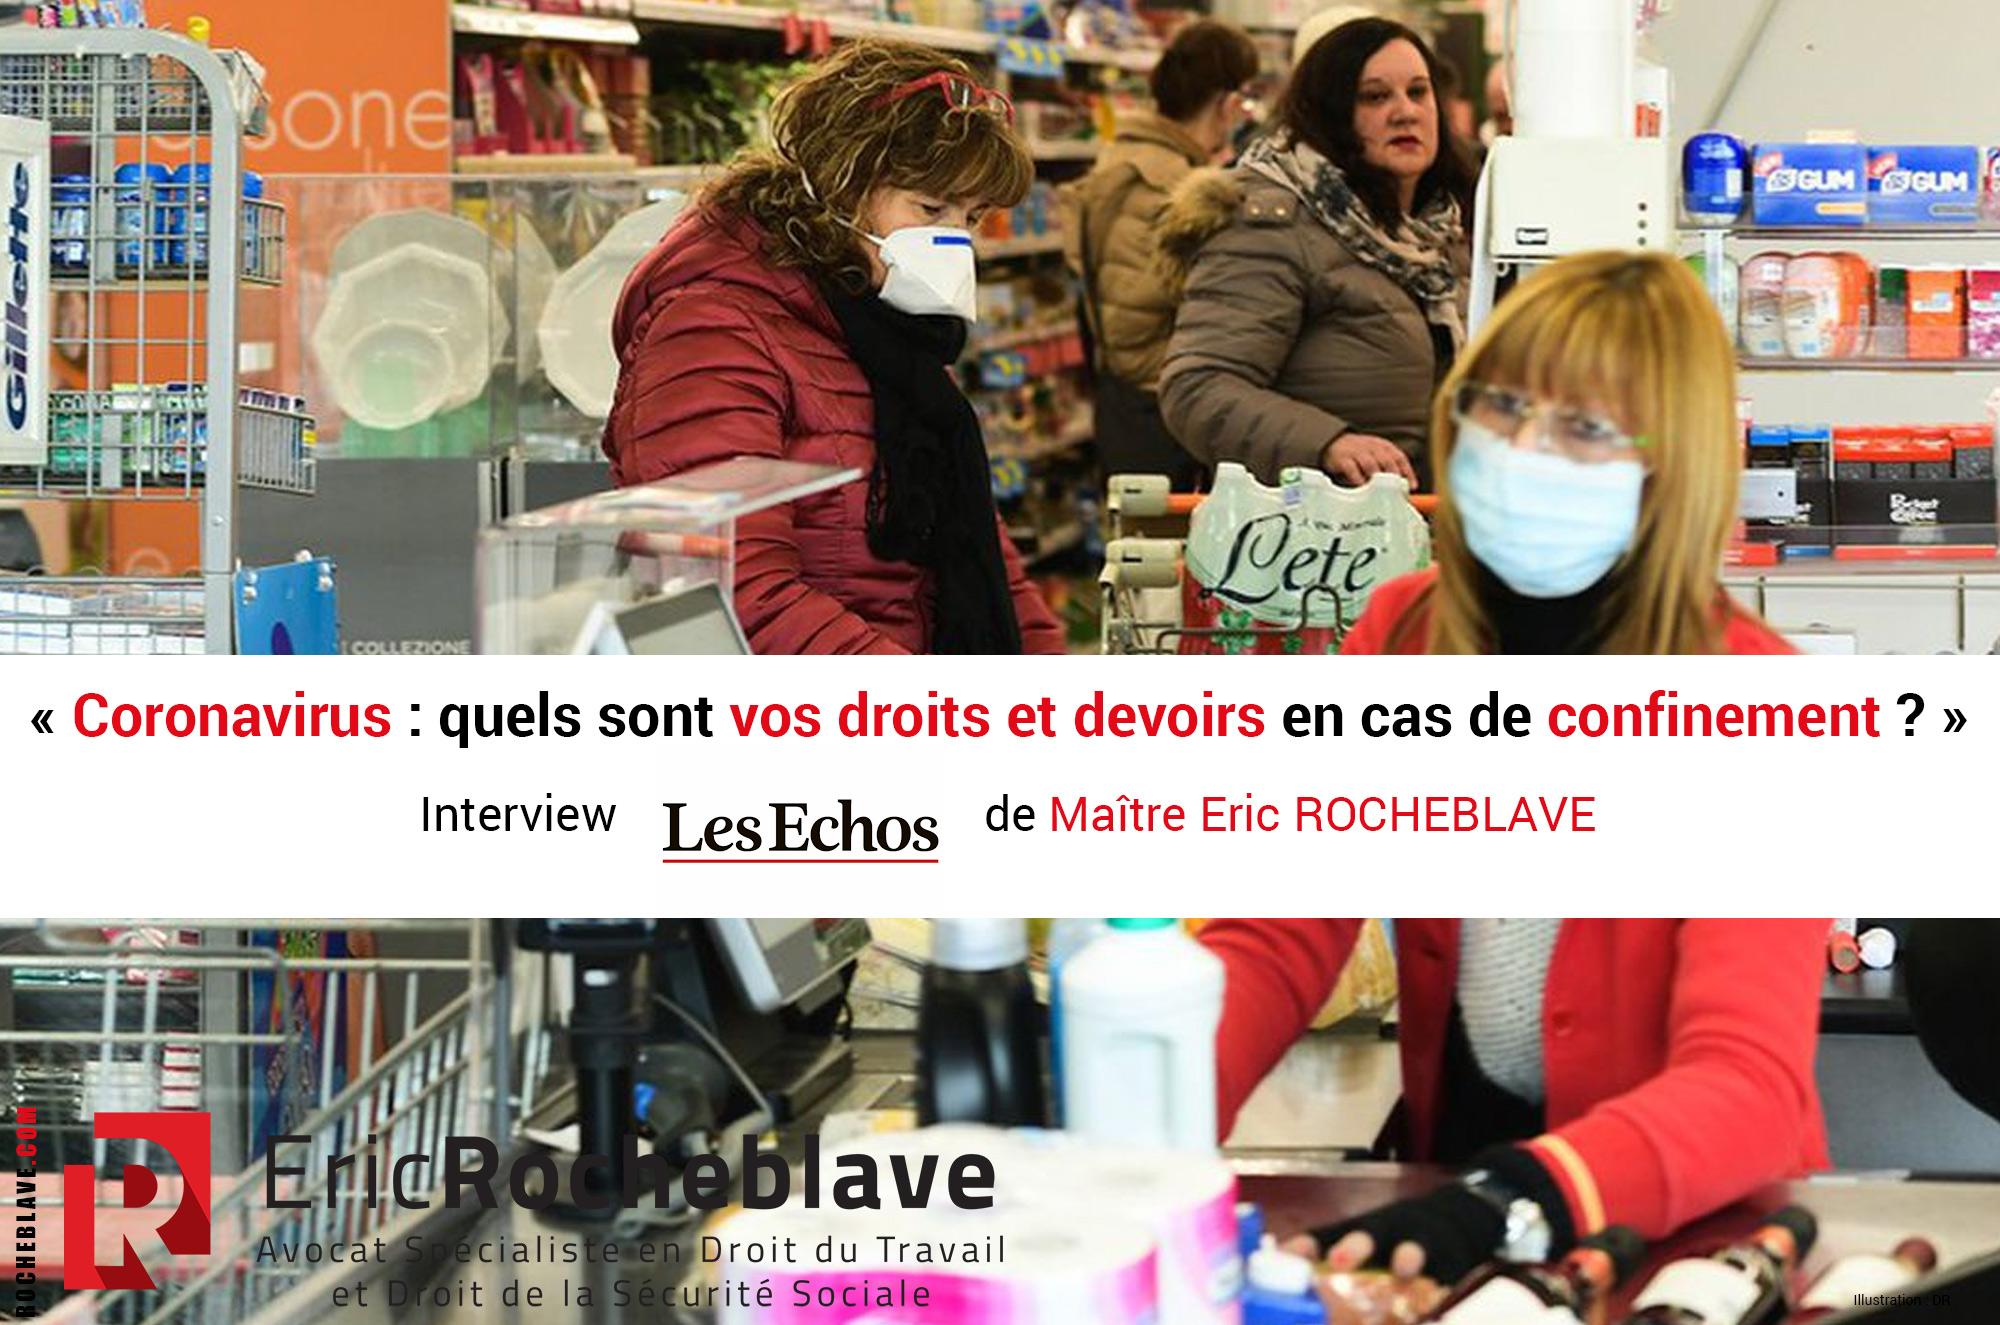 « Coronavirus : quels sont vos droits et devoirs en cas de confinement ? » Interview Les Échos de Maître Eric ROCHEBLAVE